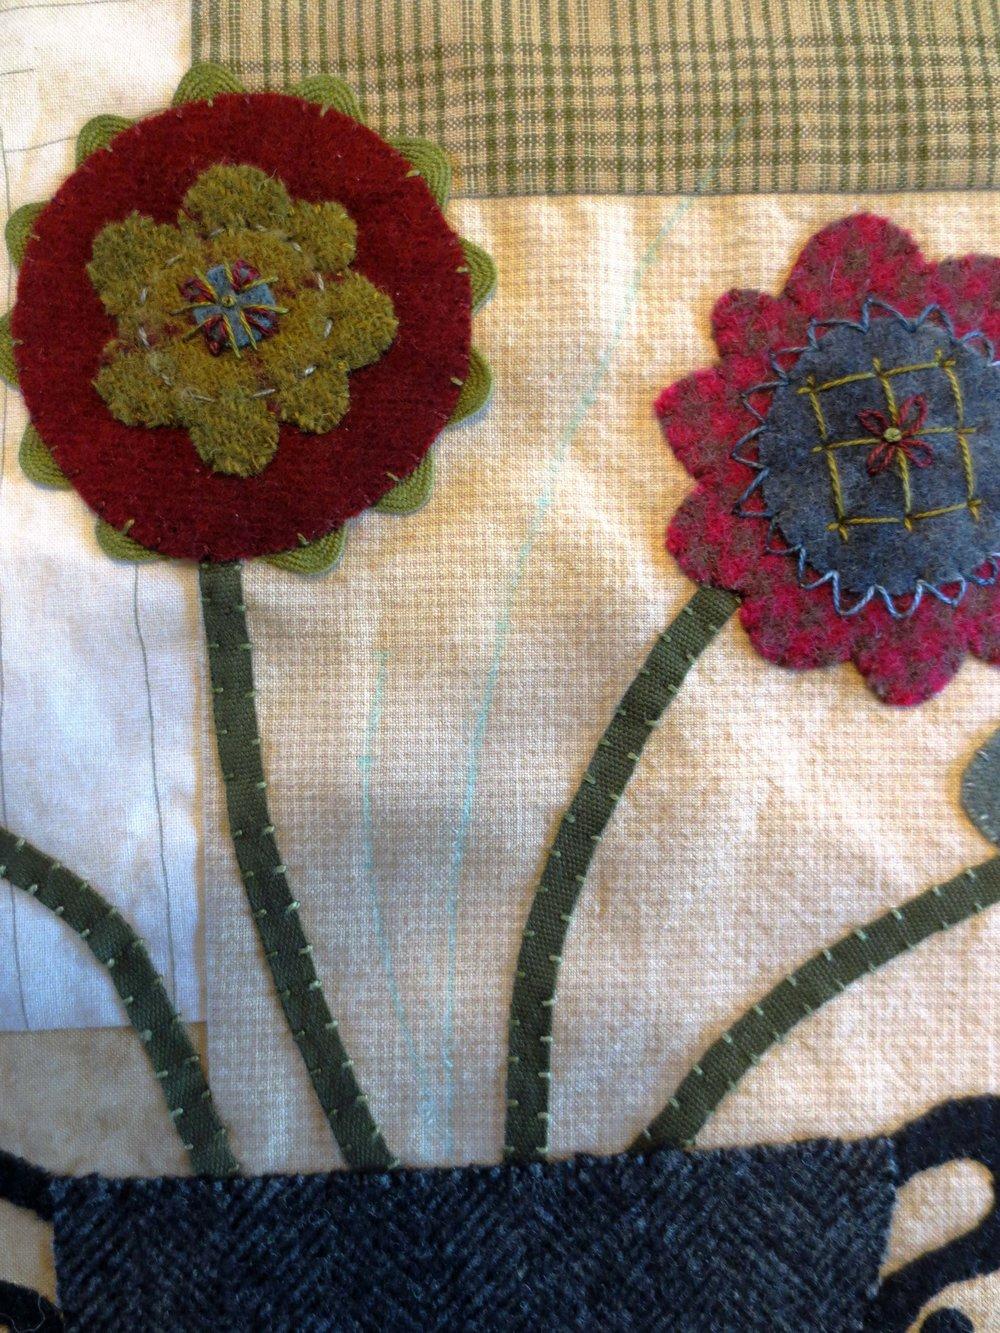 Flowers from my garden block #3 butterfly flowers part 1.jpg